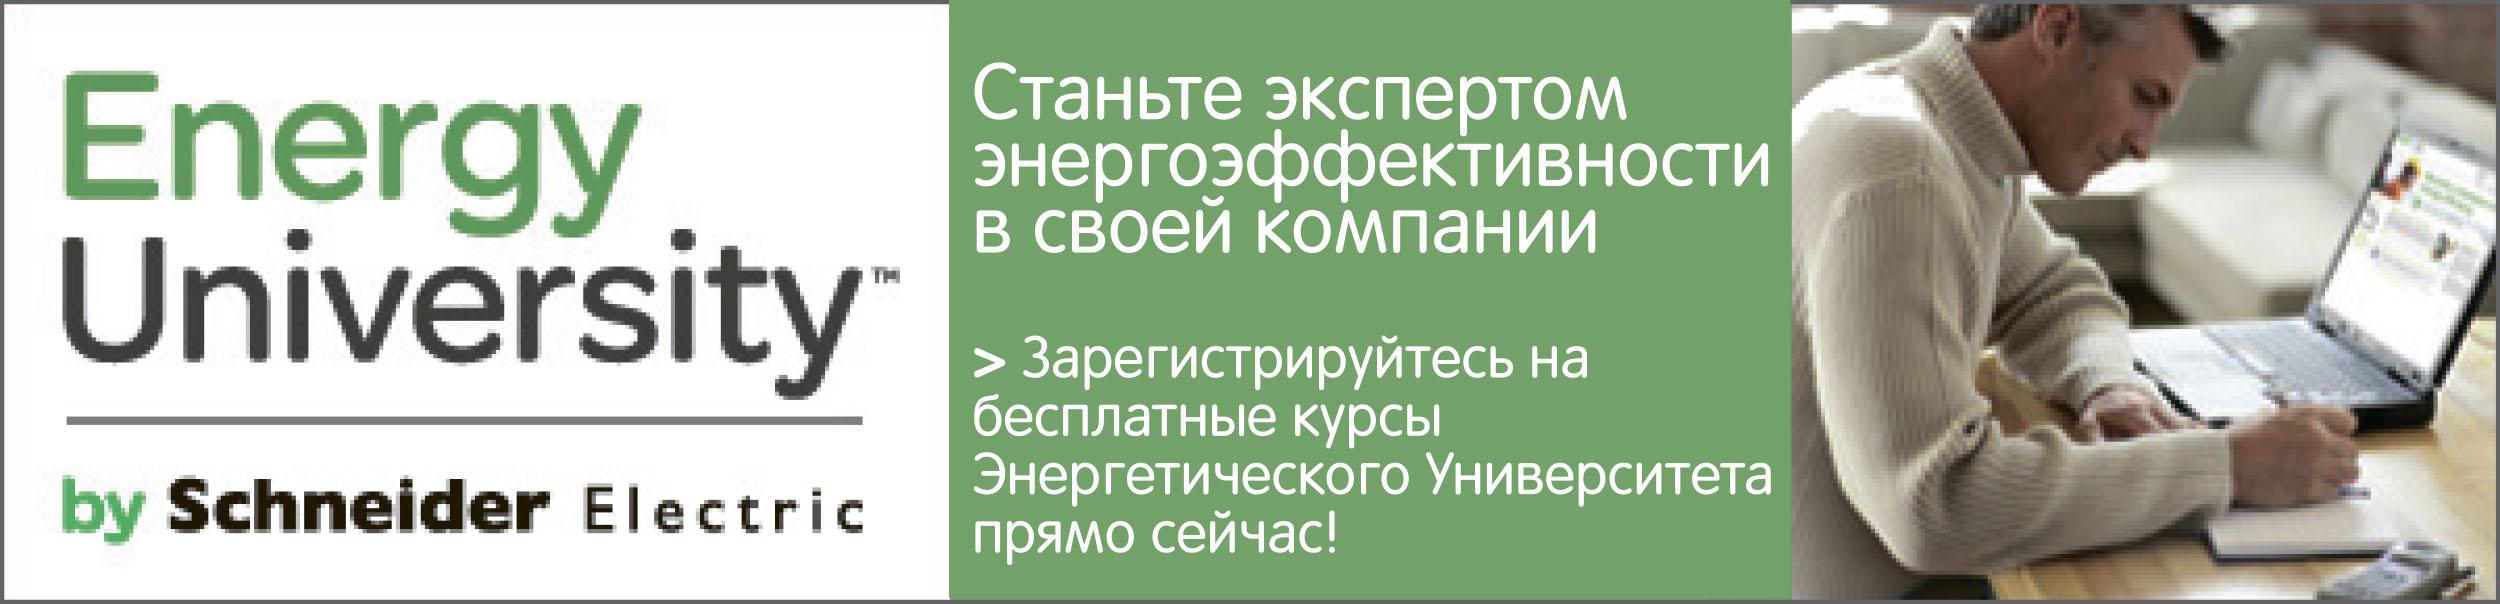 998-1156440_600x145_GMA-RU